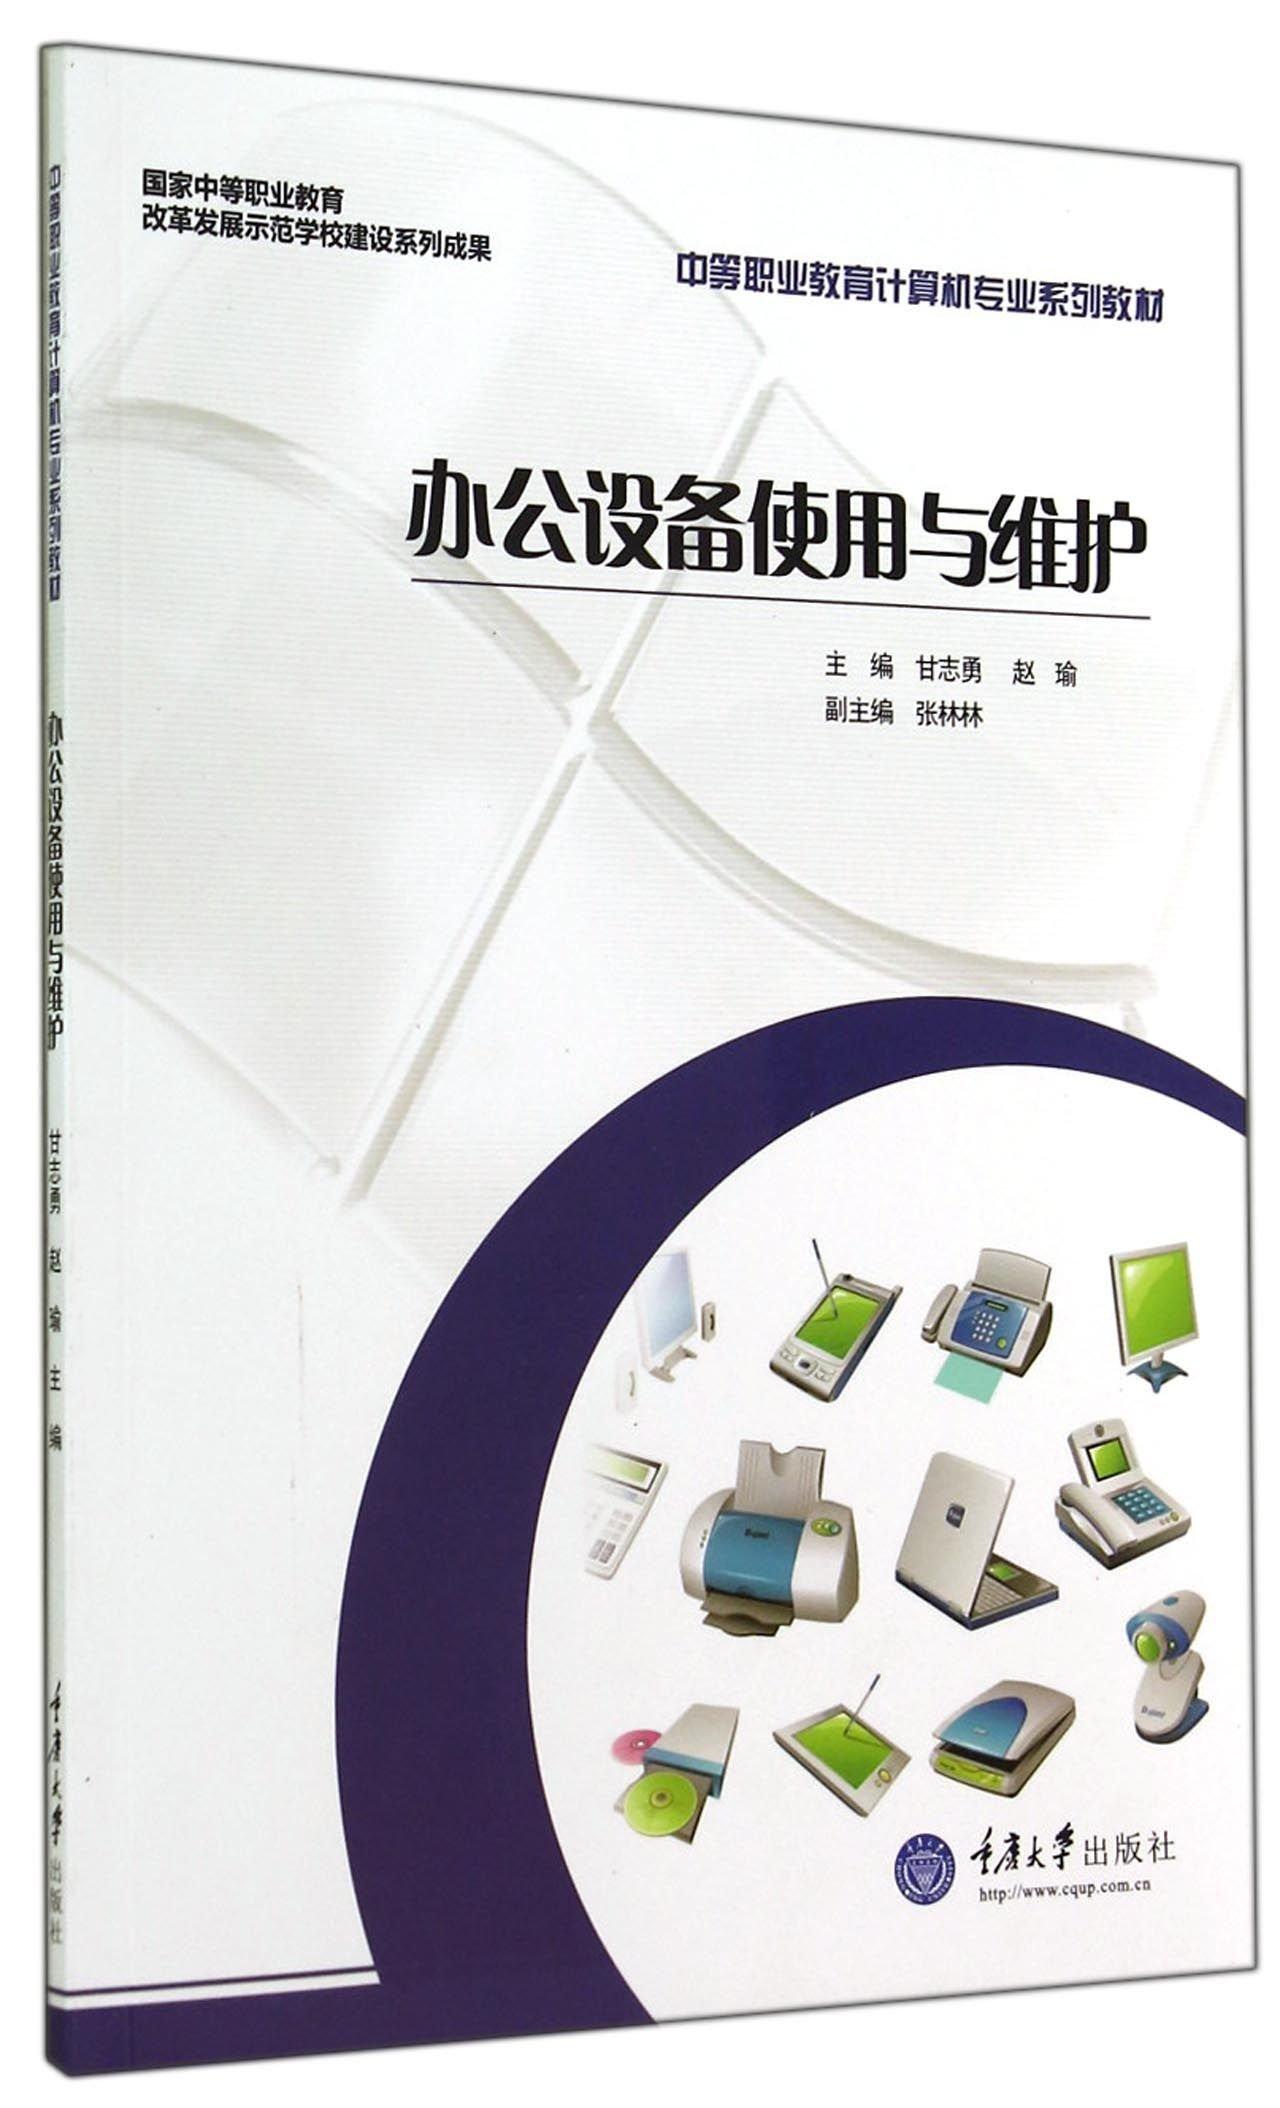 中等职业教育计算机专业系列教材:办公设备使用与维护